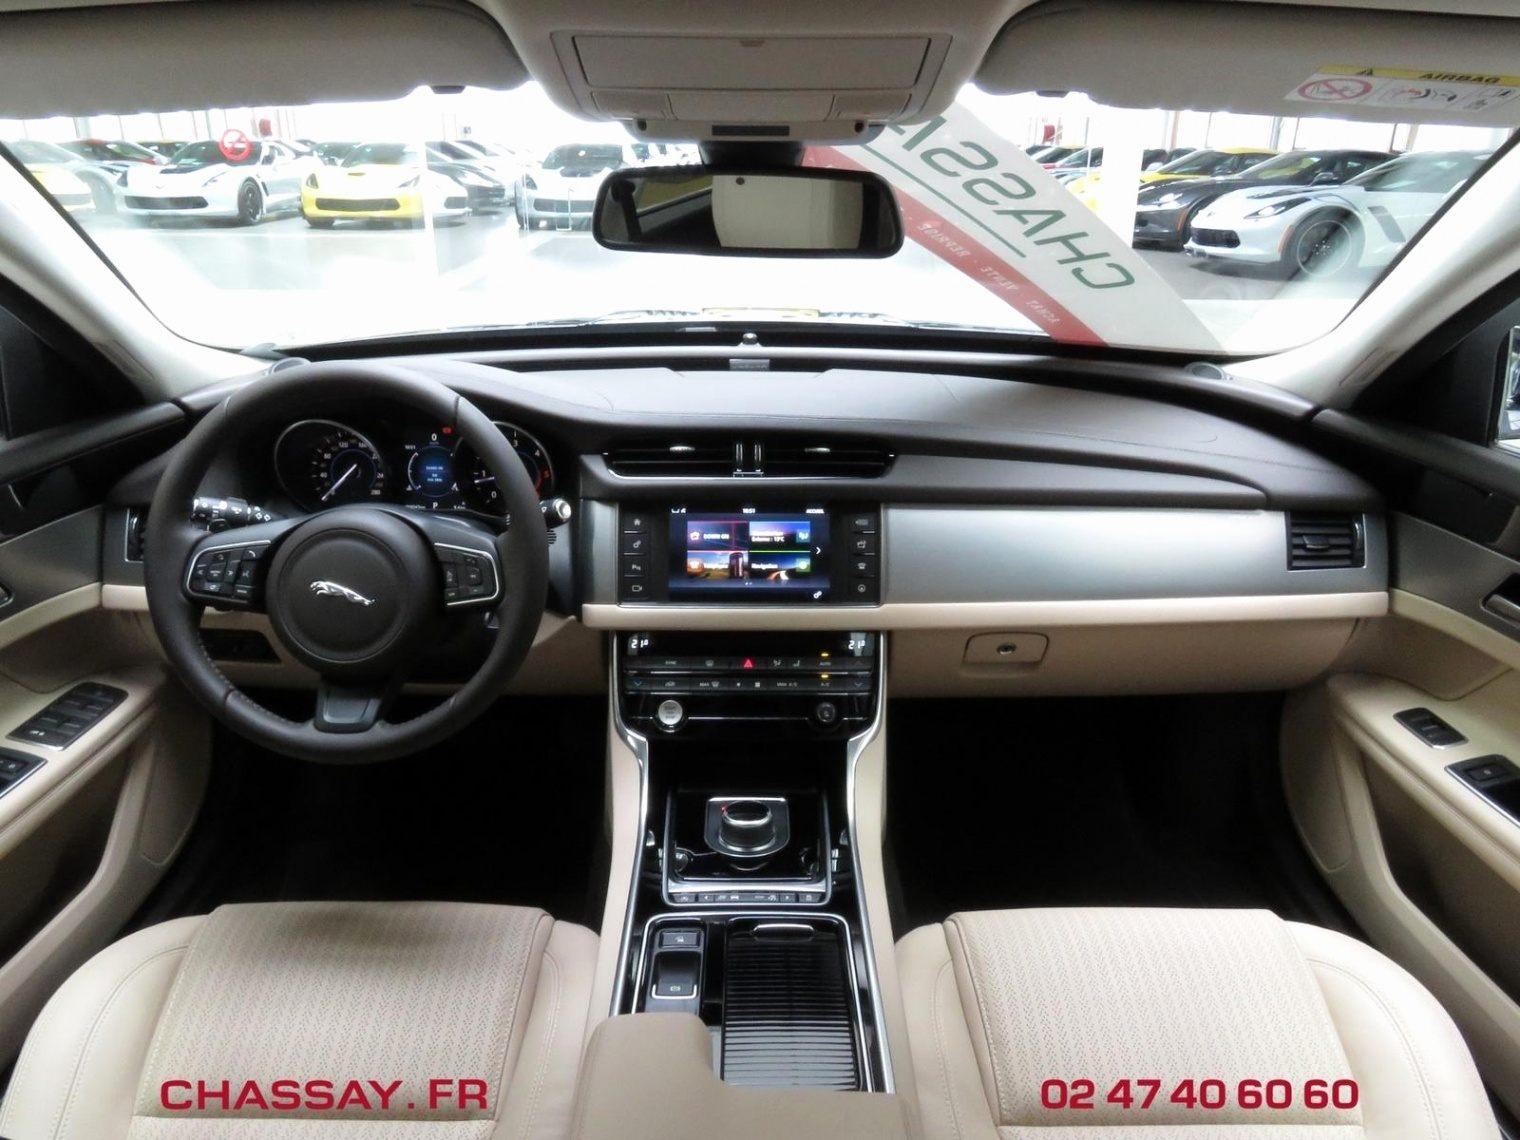 Lit Au sol Enfant Meilleur De Tapis sol Voiture Inspirational Jaguar Xf tours Euros 2 0d 180 Ii